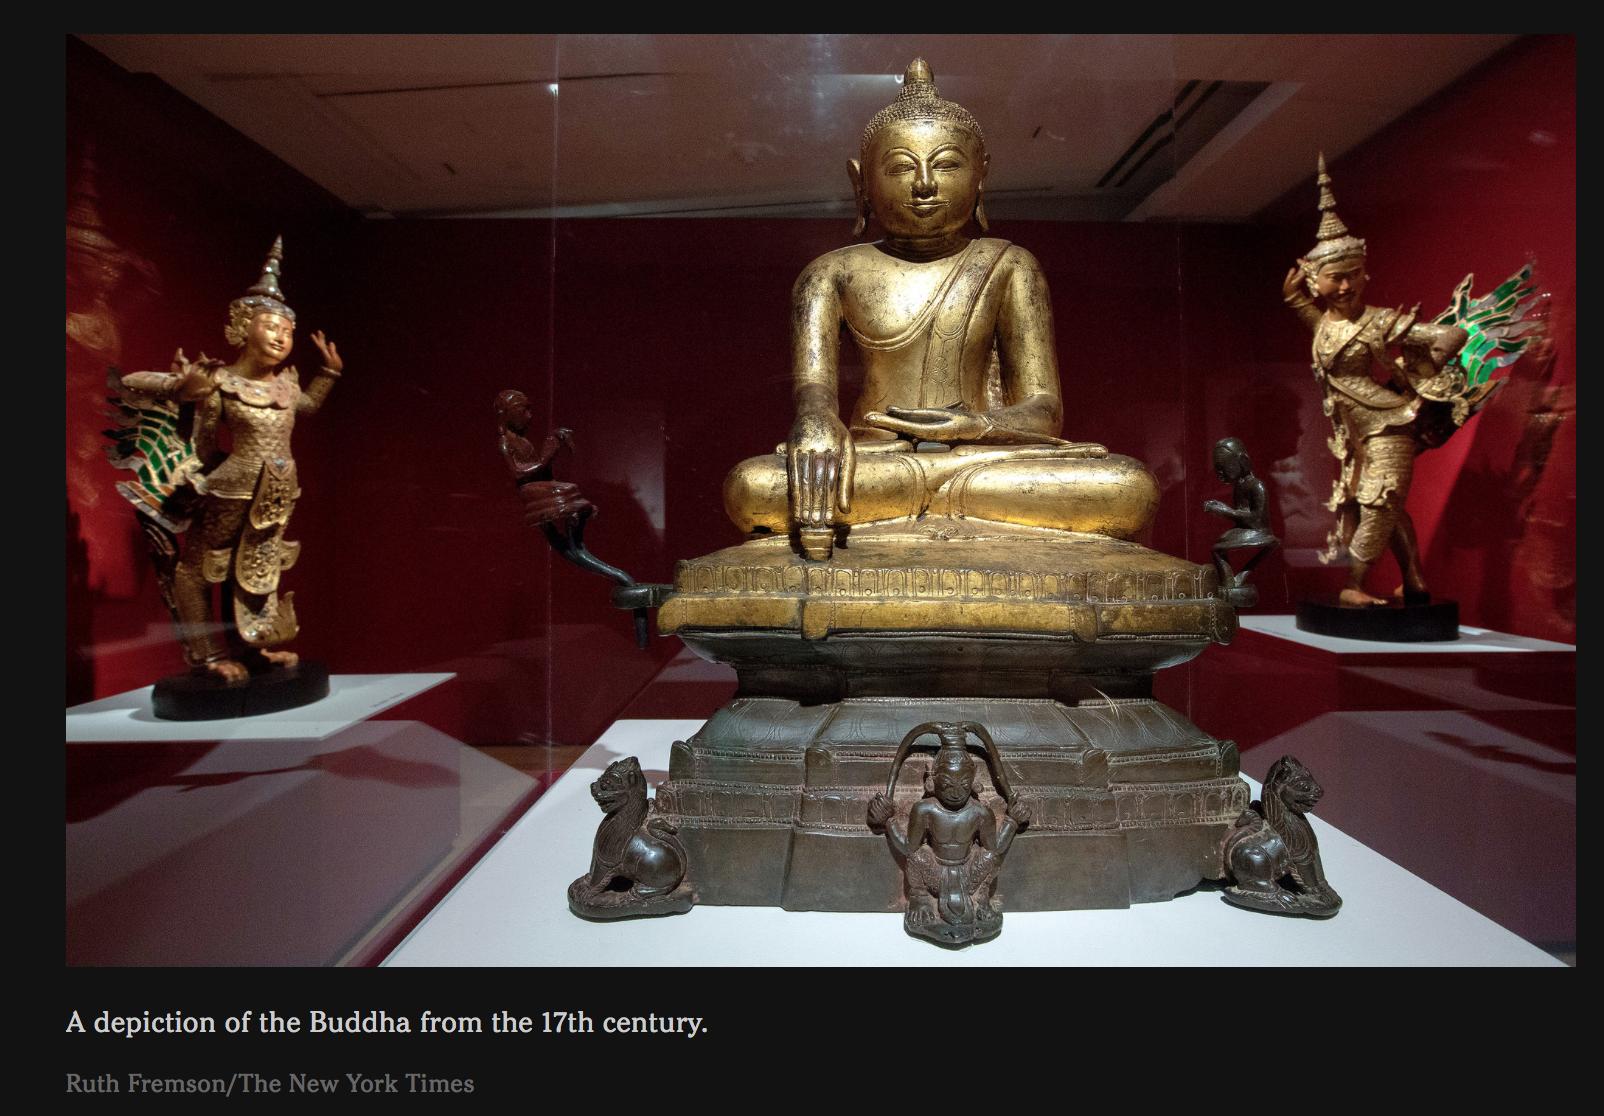 surveyor buddhist singles Libros todos los géneros búsqueda avanzada novedades los más vendidos libros de texto inglés otros idiomas infantiles y juveniles libros universitarios y de.